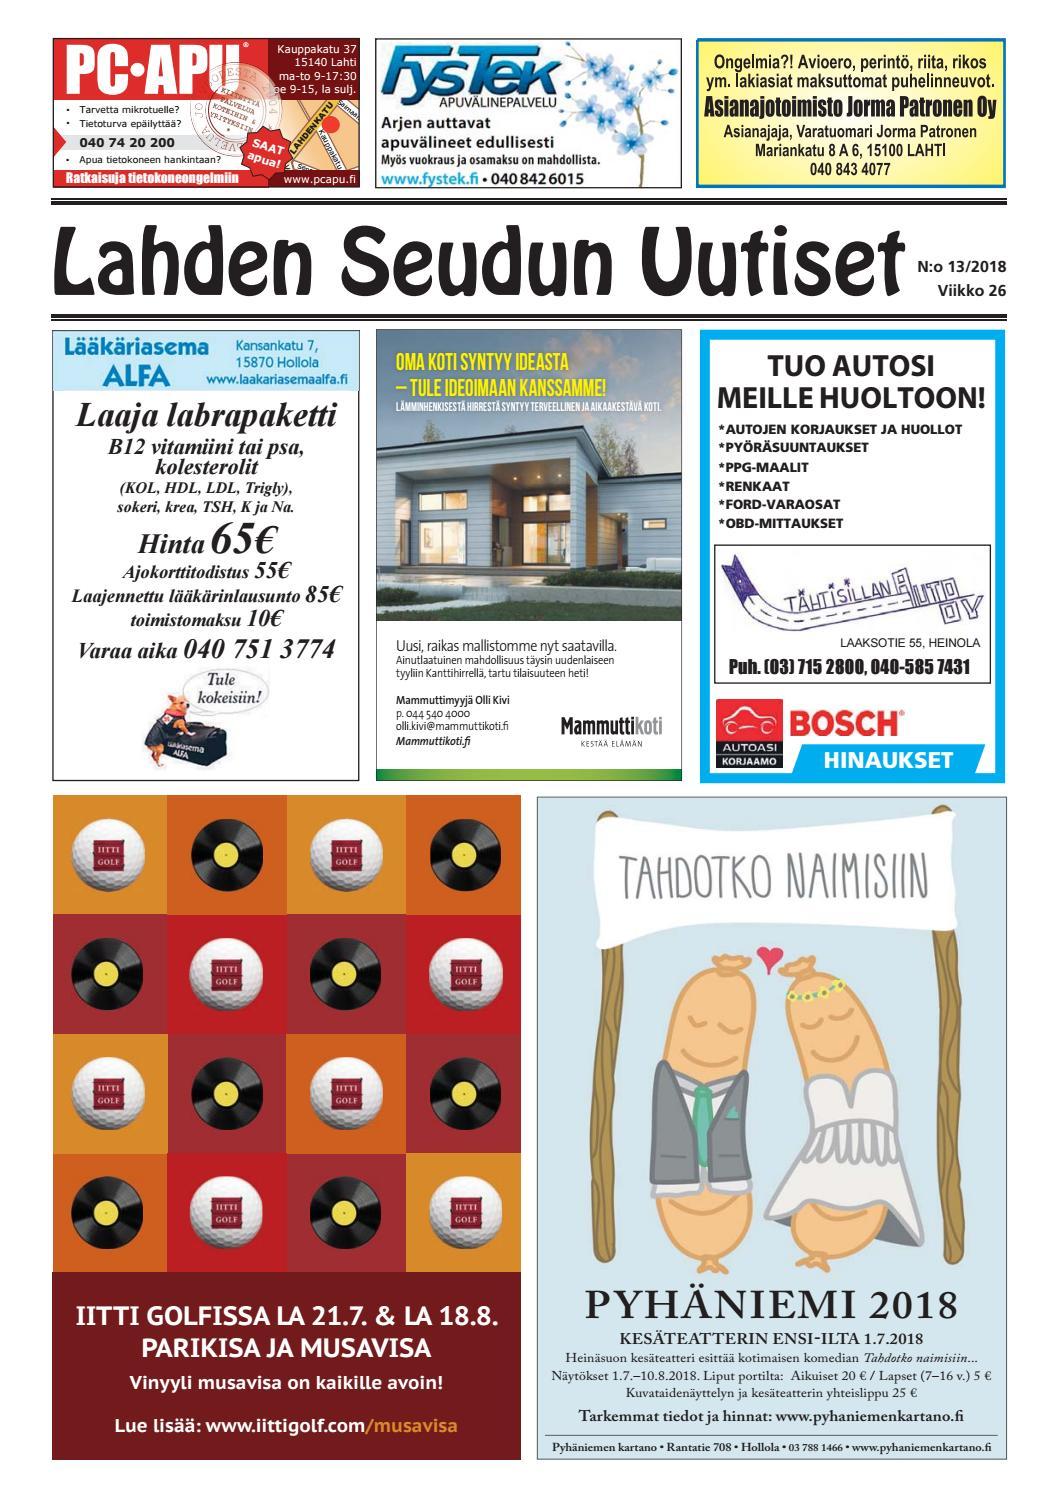 Kauppakatu 13 Lahti